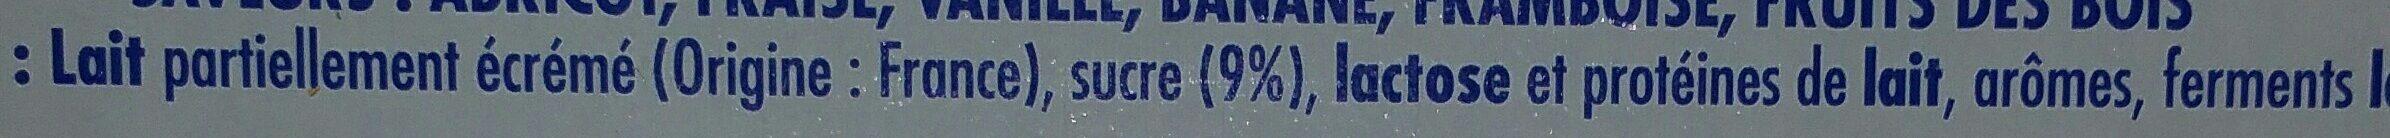 12 Yaourts sucrés aromatisés (Parfums : Fraise, Framboise, Banane, fruits exotiques, Citron, Vanille) - Ingrédients